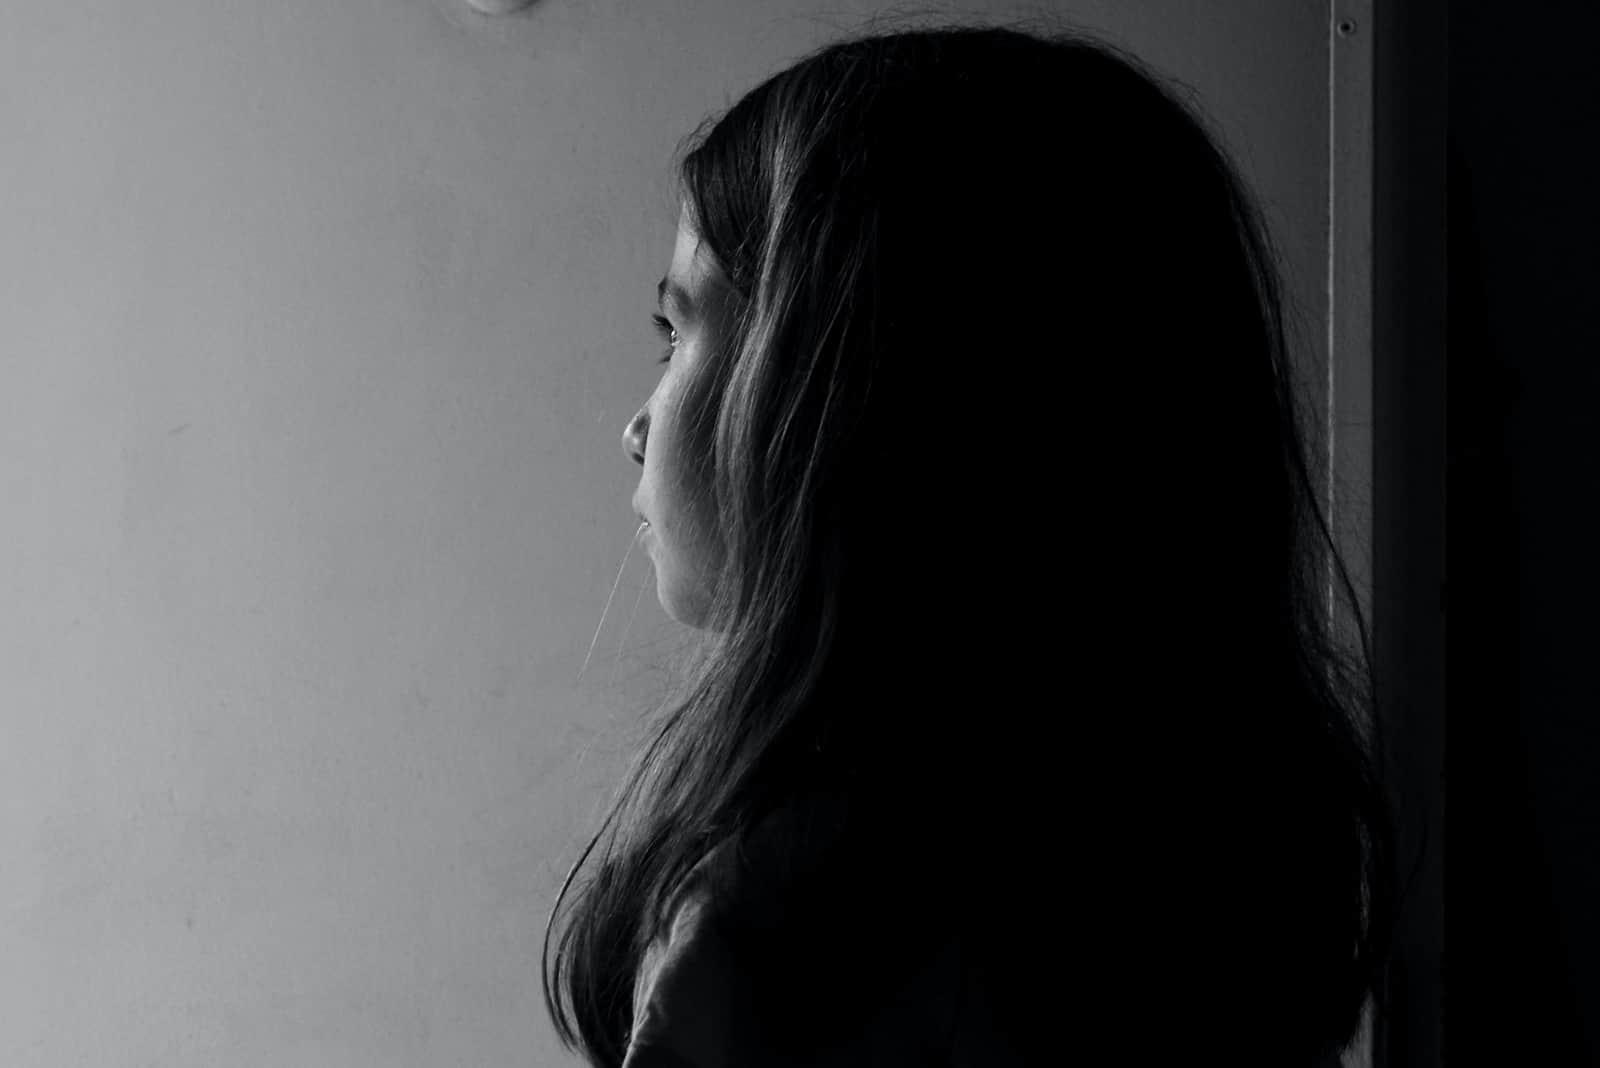 ein nachdenkliches junges Mädchen, das gut an der Tür steht